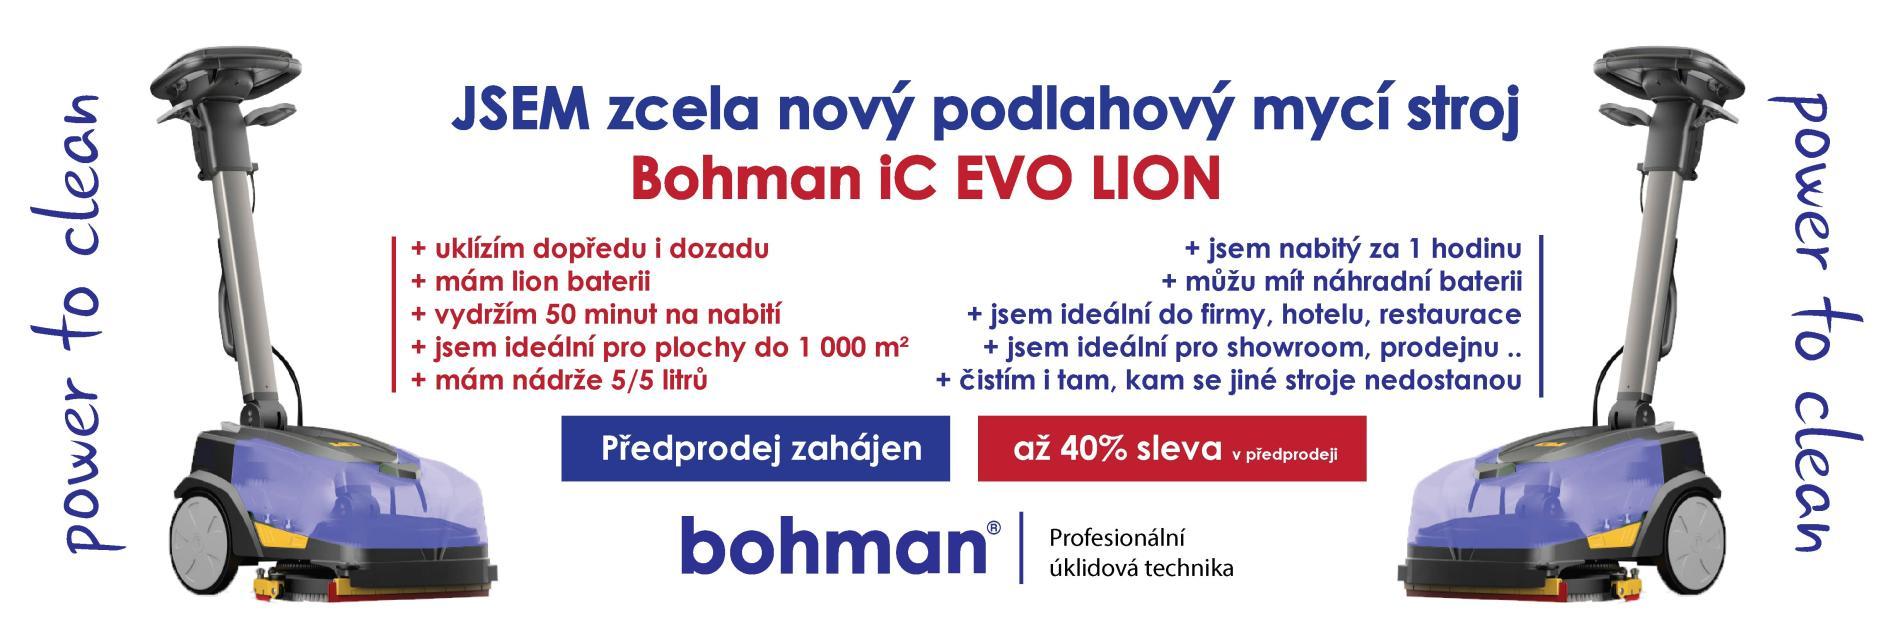 Jsem zcela nový podlahový mycí stroj s odsáváním Bohman iC EVO LION